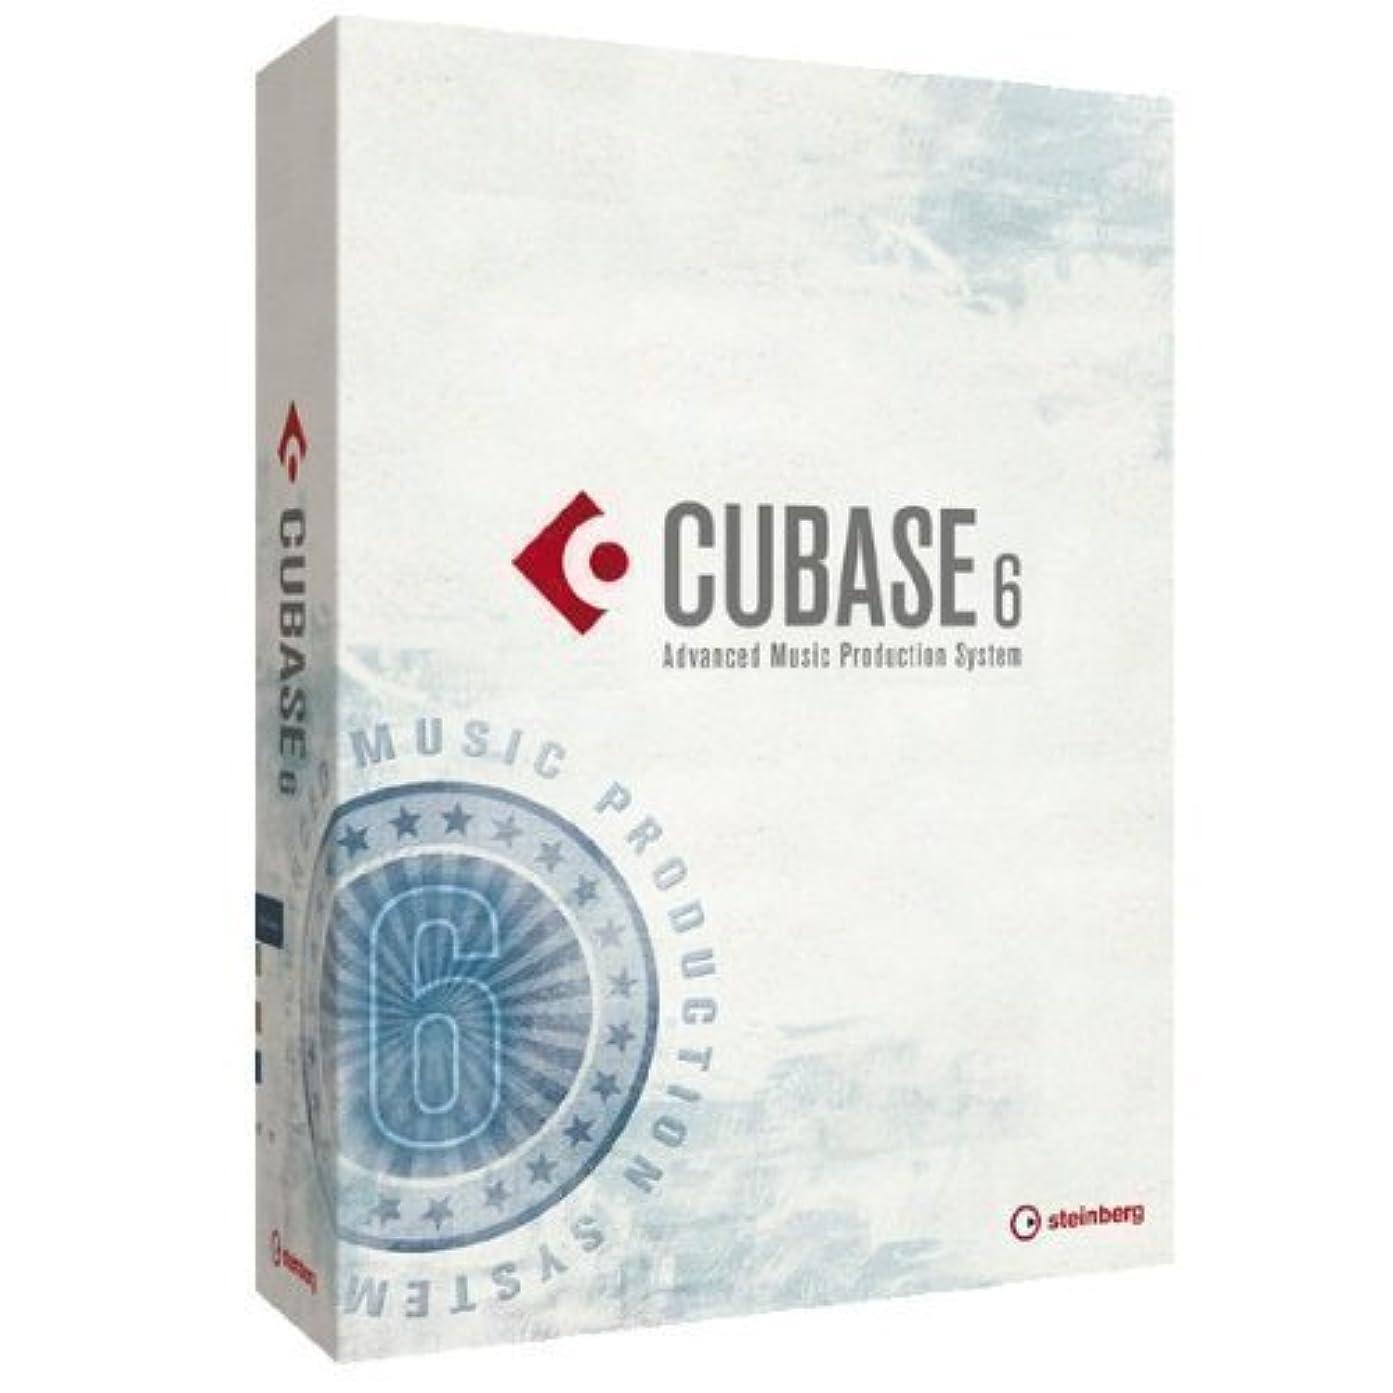 終了するドライバ抜け目がないCUBASE 6 通常版